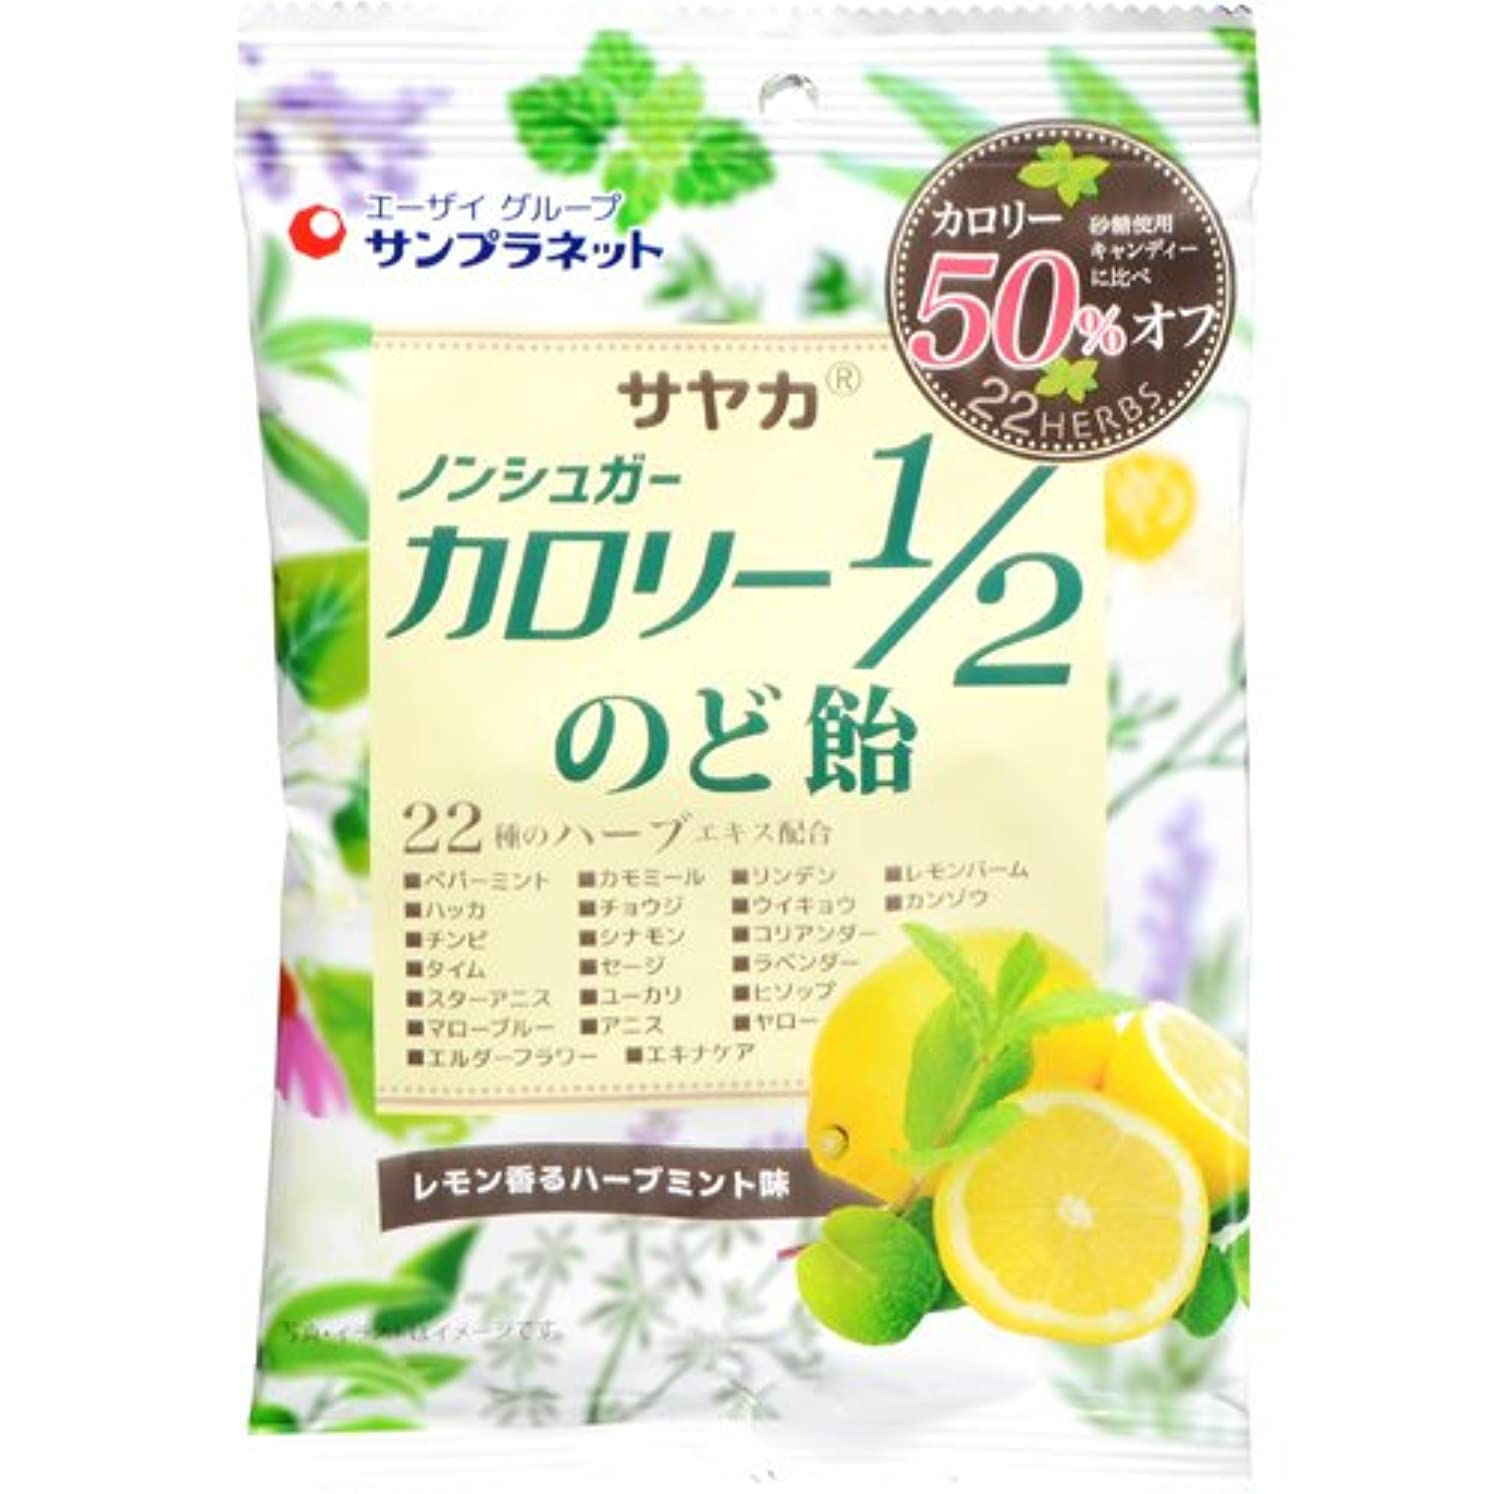 ベースダイアクリティカル基本的なサンプラネット サヤカ ノンシュガー カロリー1/2 のど飴 55g